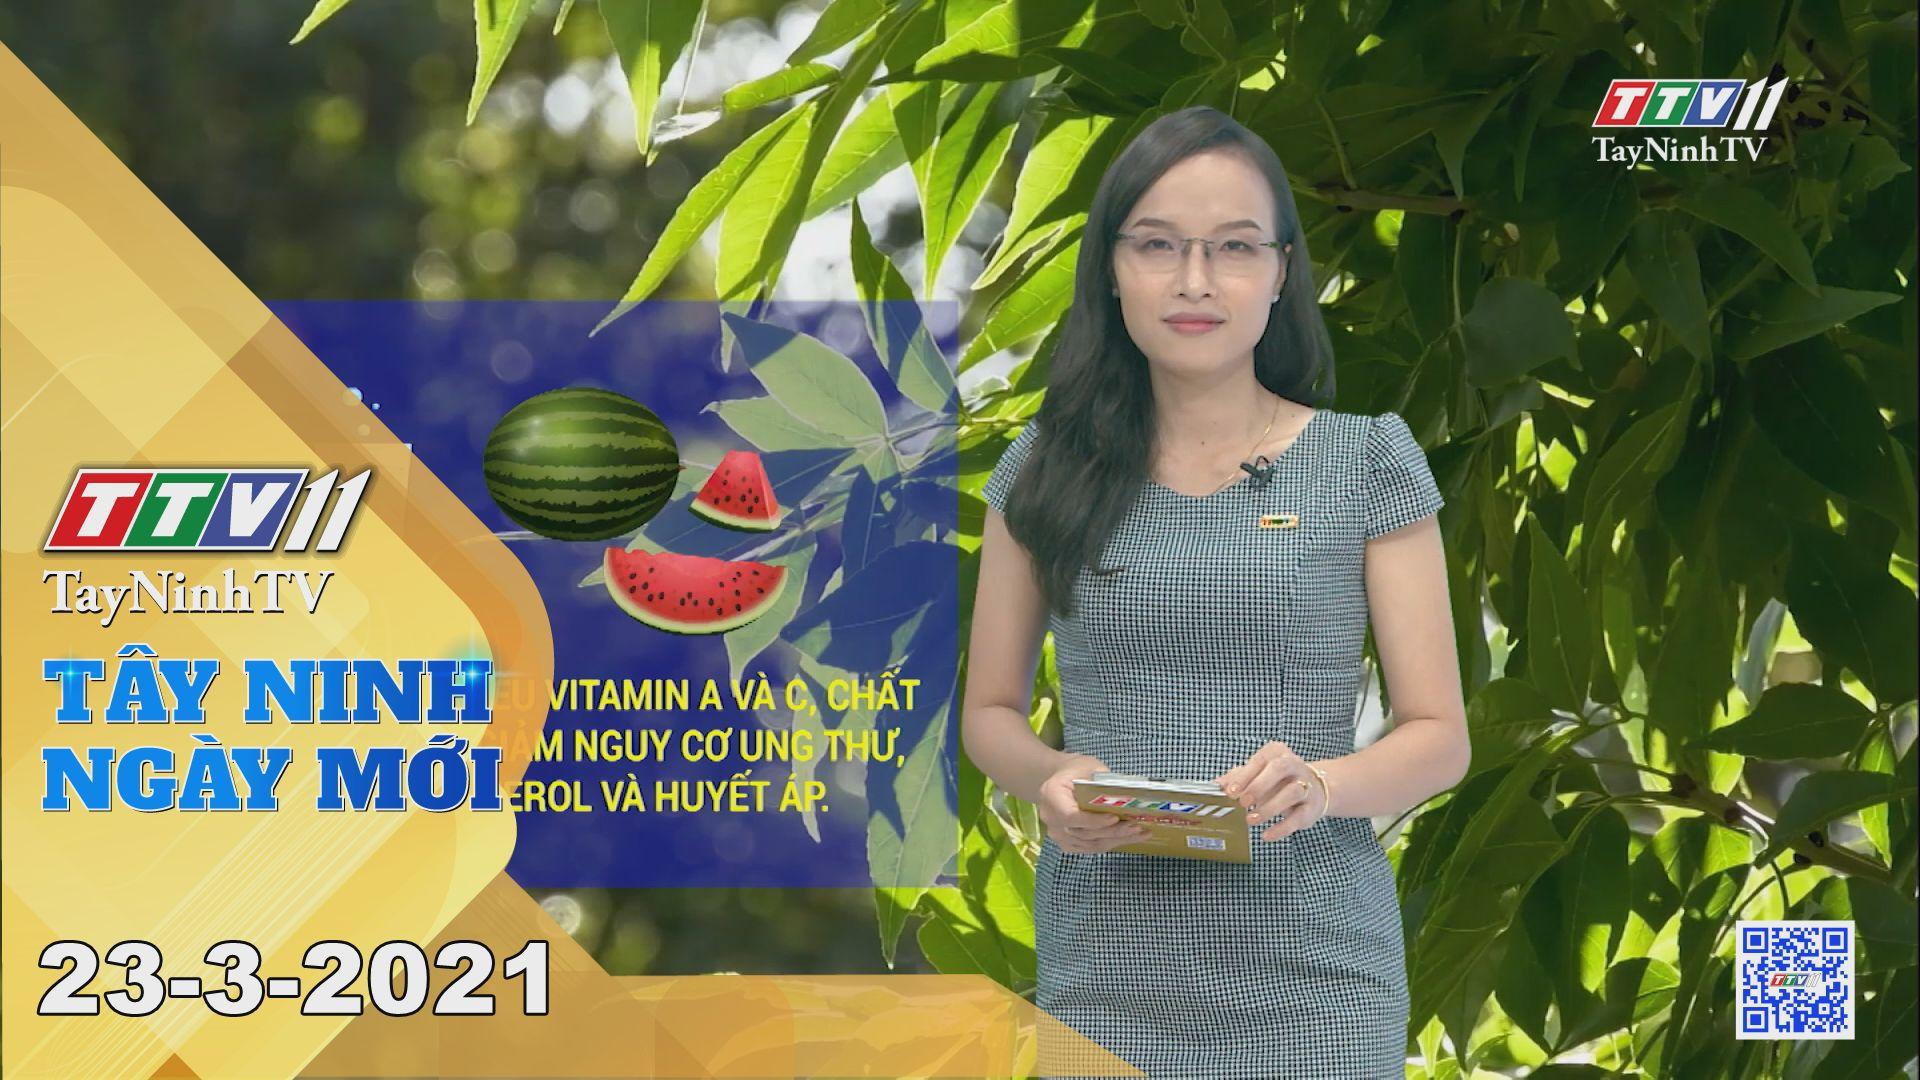 Tây Ninh Ngày Mới 23-3-2021   Tin tức hôm nay   TayNinhTV